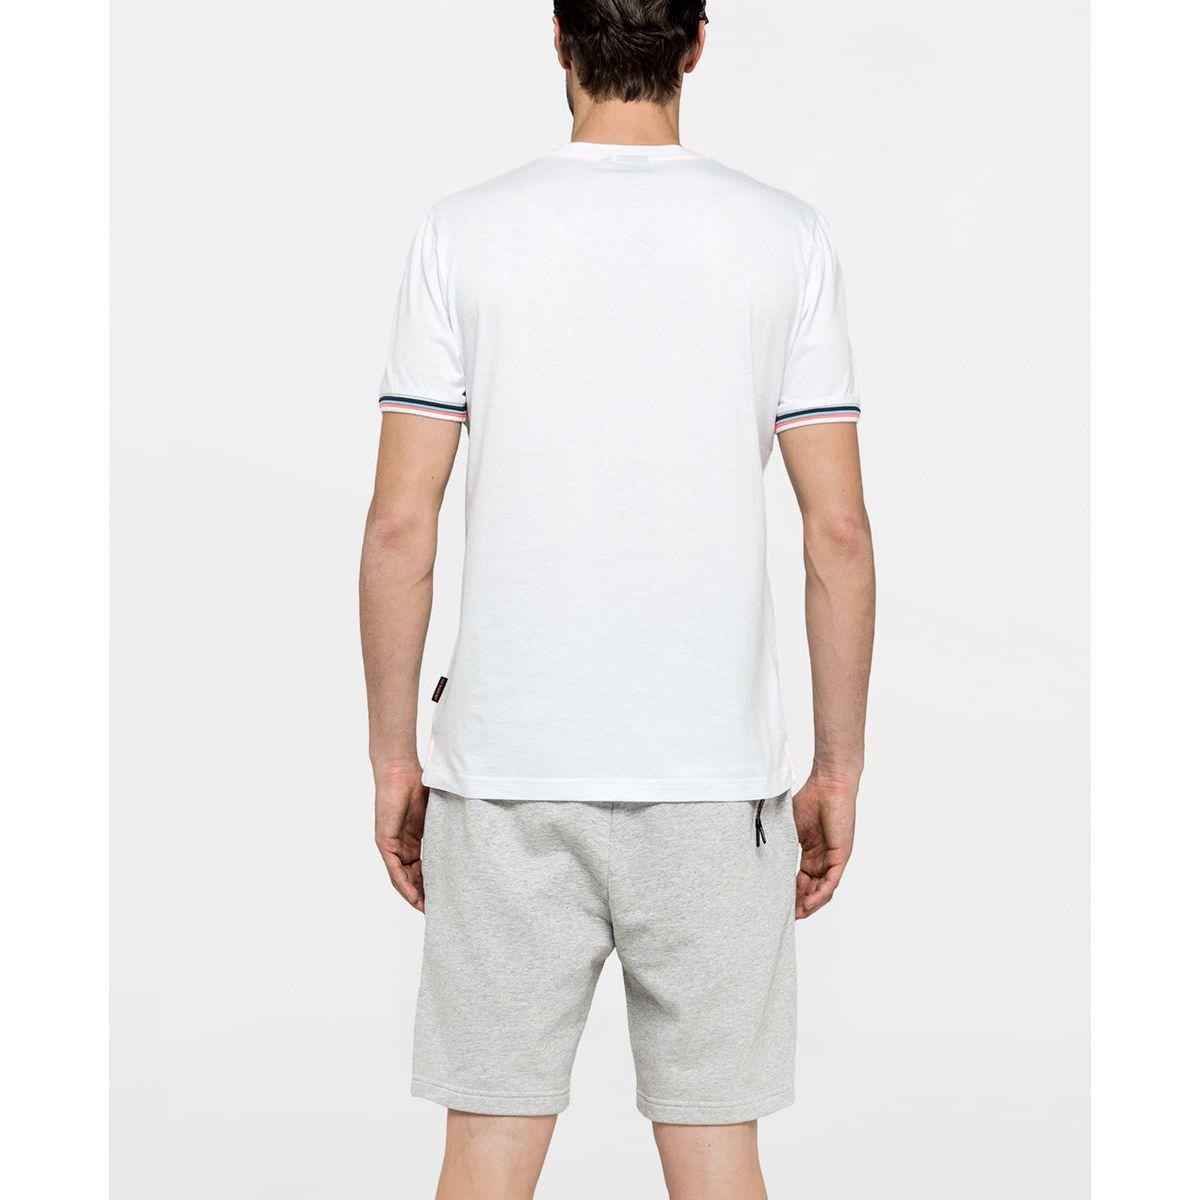 Finn t-shirt White 34 Sundek